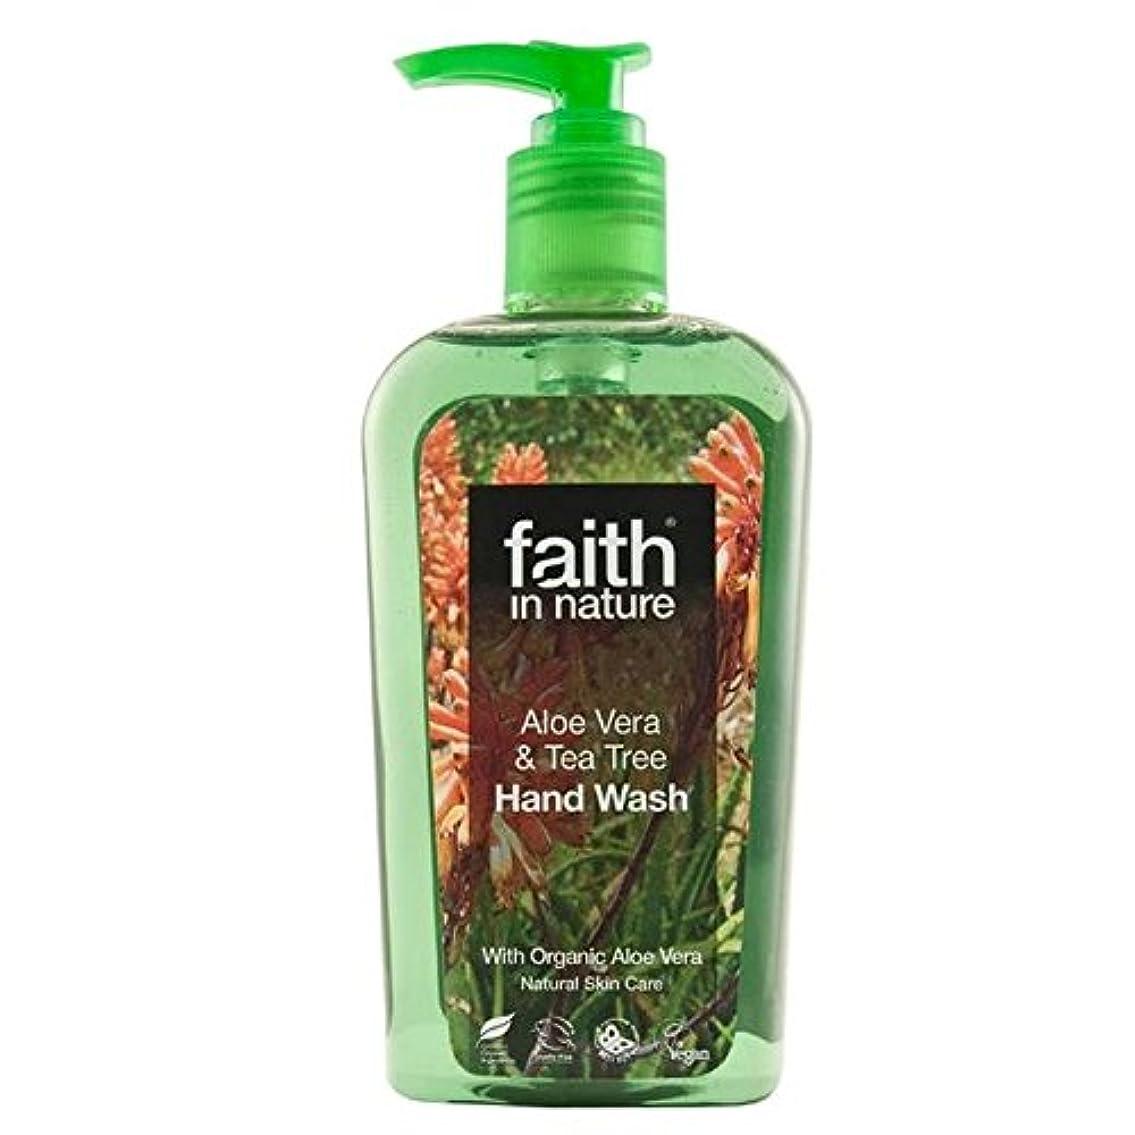 統計勝利ひどくFaith in Nature Aloe Vera & Tea Tree Handwash 300ml (Pack of 4) - (Faith In Nature) 自然のアロエベラ&ティーツリー手洗いの300ミリリットルの信仰 (x4) [並行輸入品]